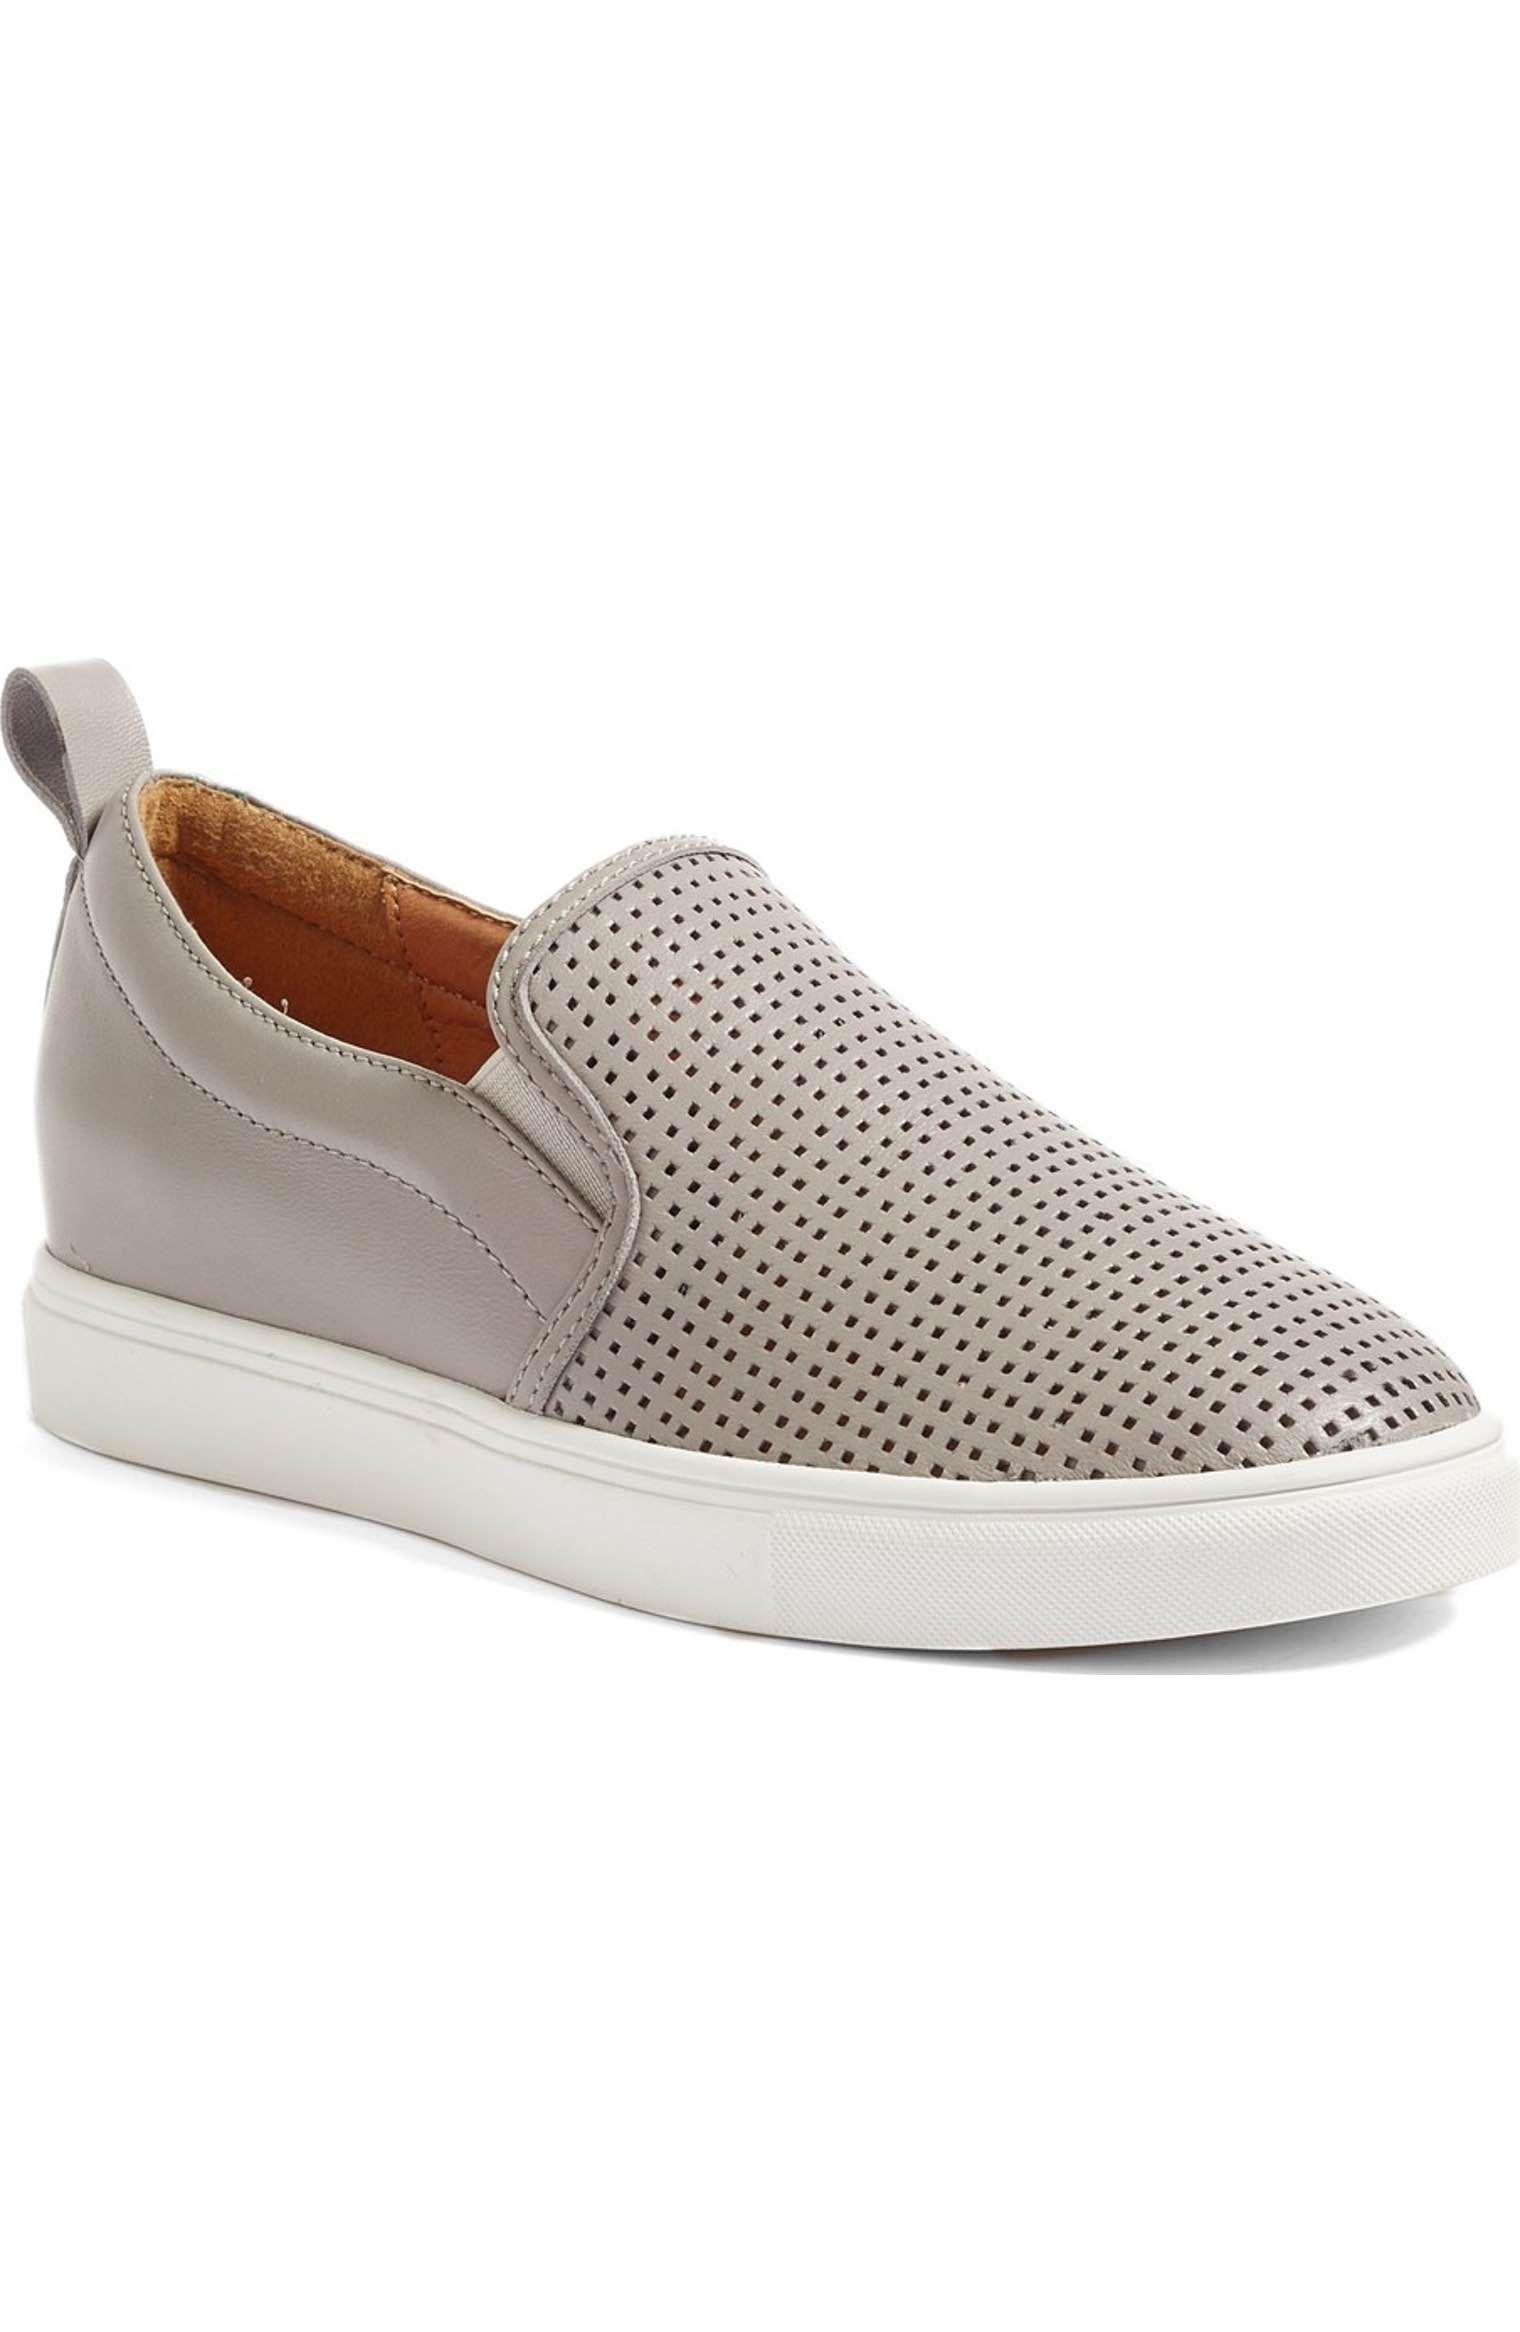 e8c7efe5046 Main Image - Caslon® Eden Perforated Slip-On Sneaker (Women)